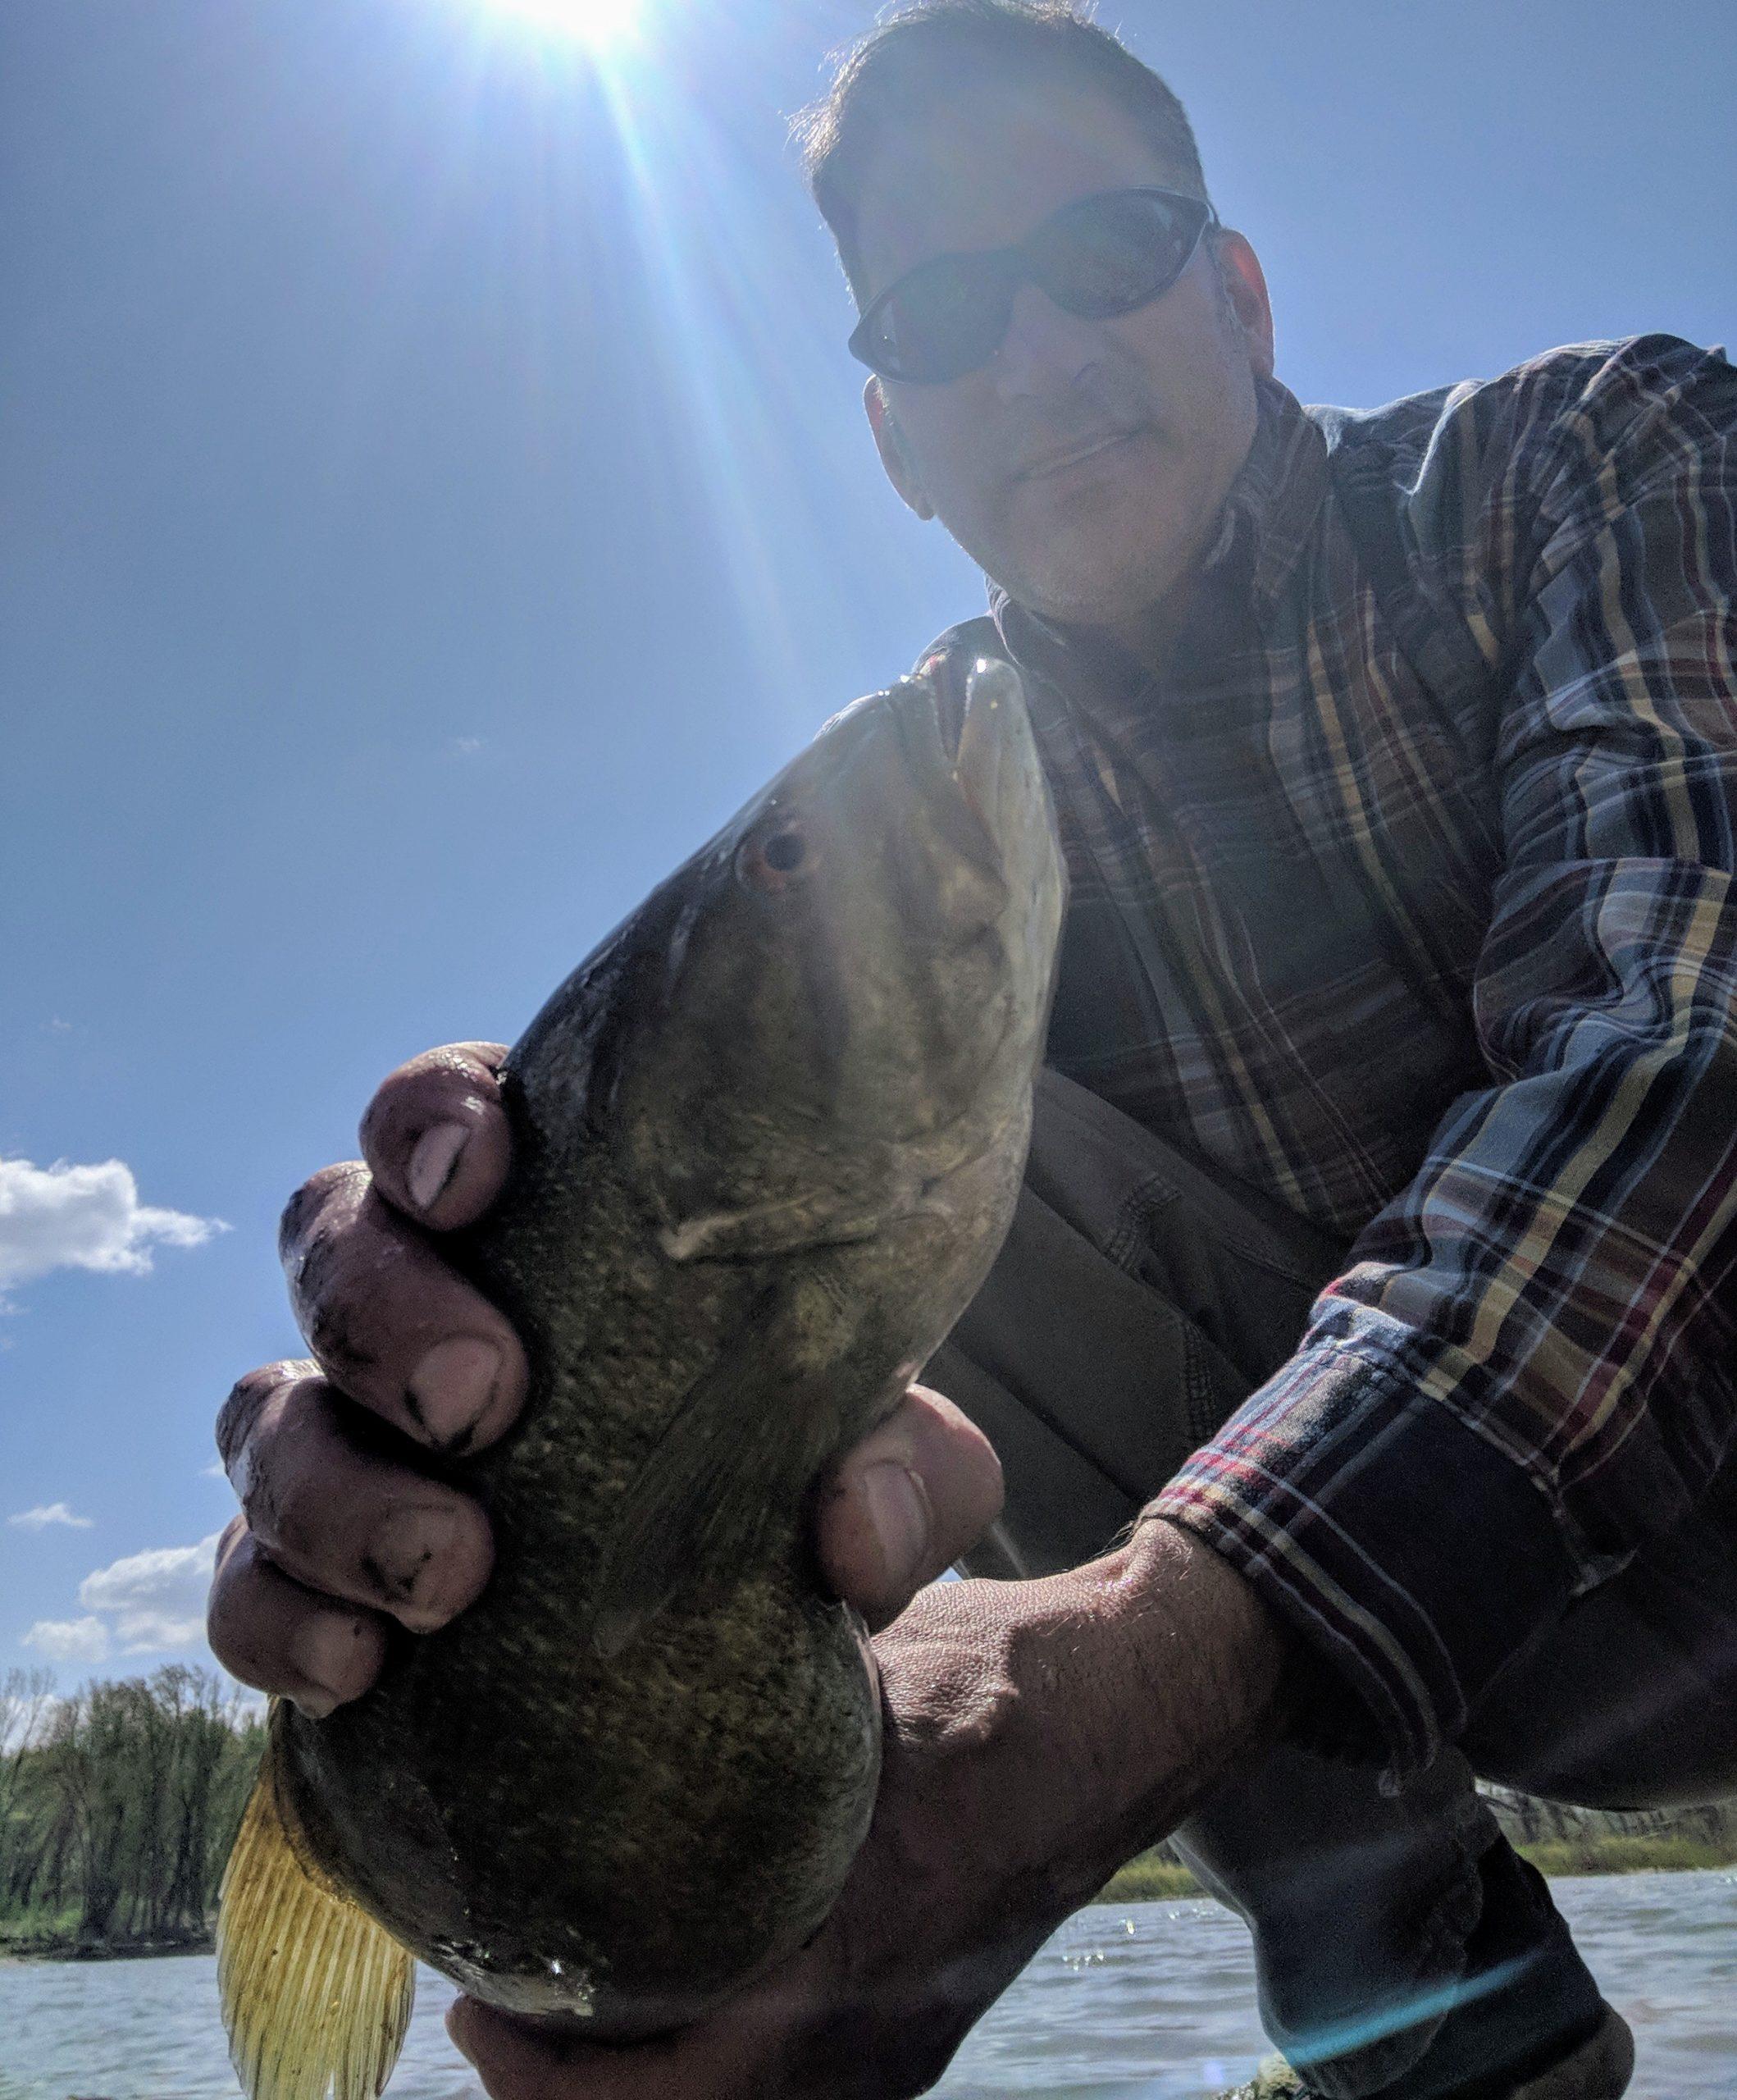 maumee river report, 8 may 2020-Kayak Season!